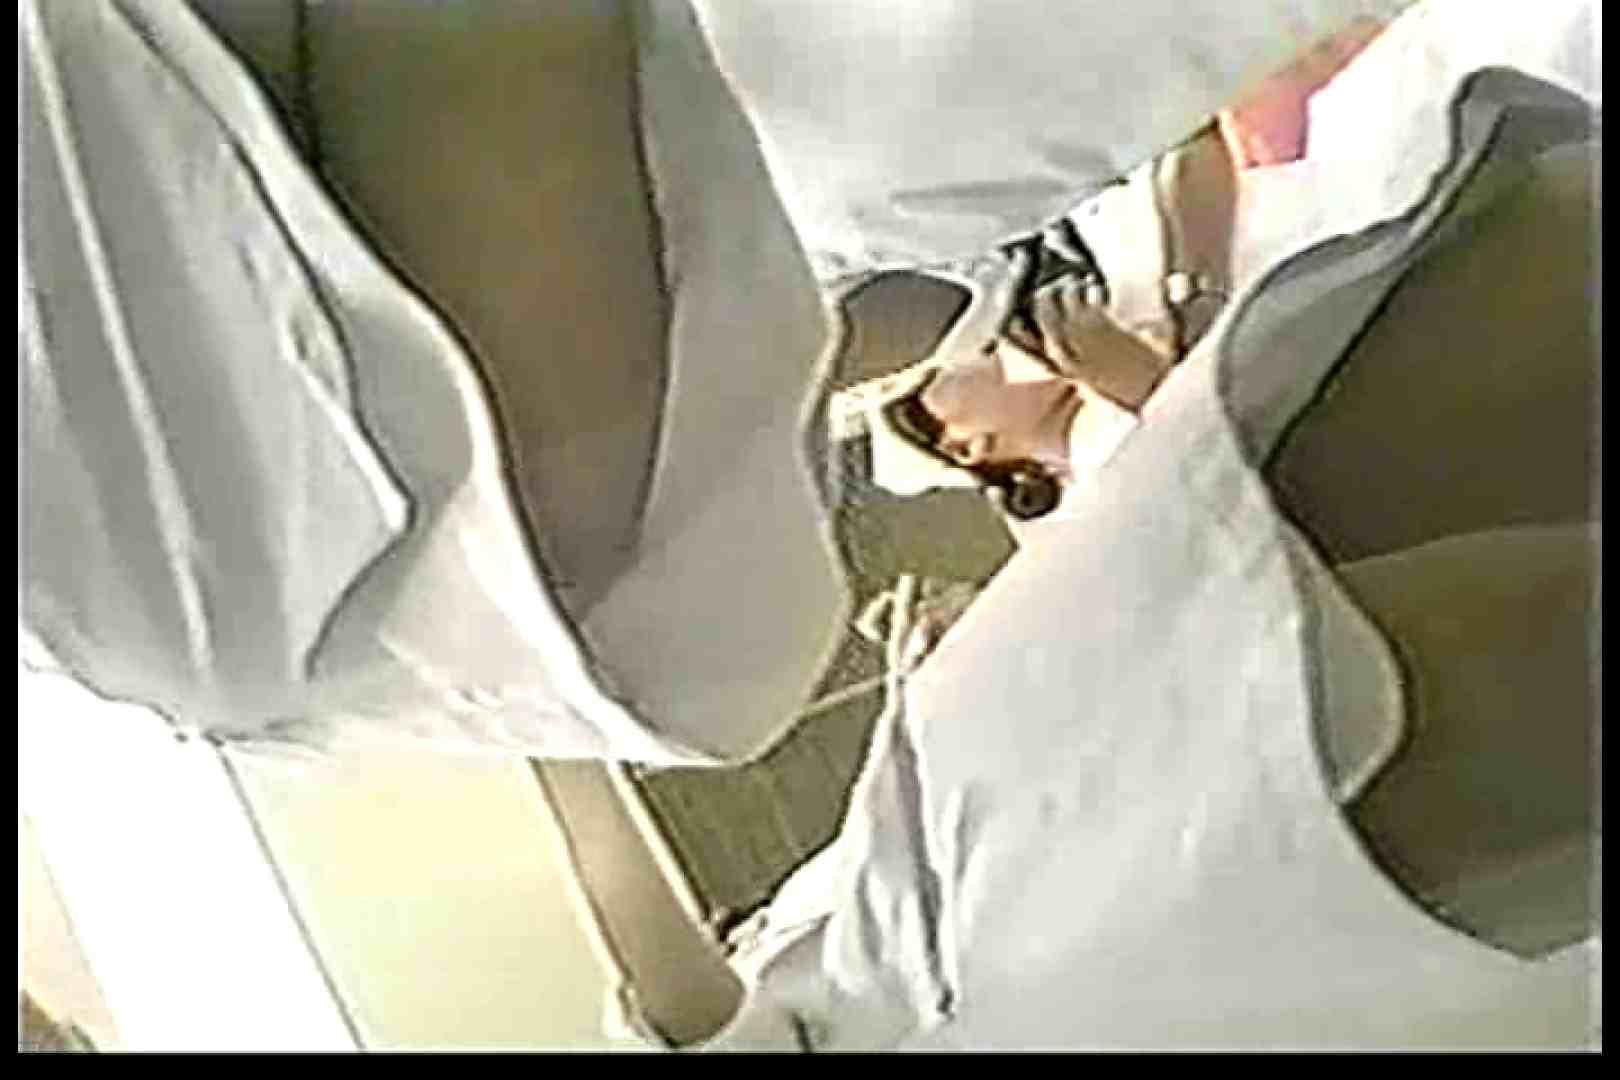 院内密着!看護婦達の下半身事情Vol.1 独身エッチOL   パンスト  86pic 63